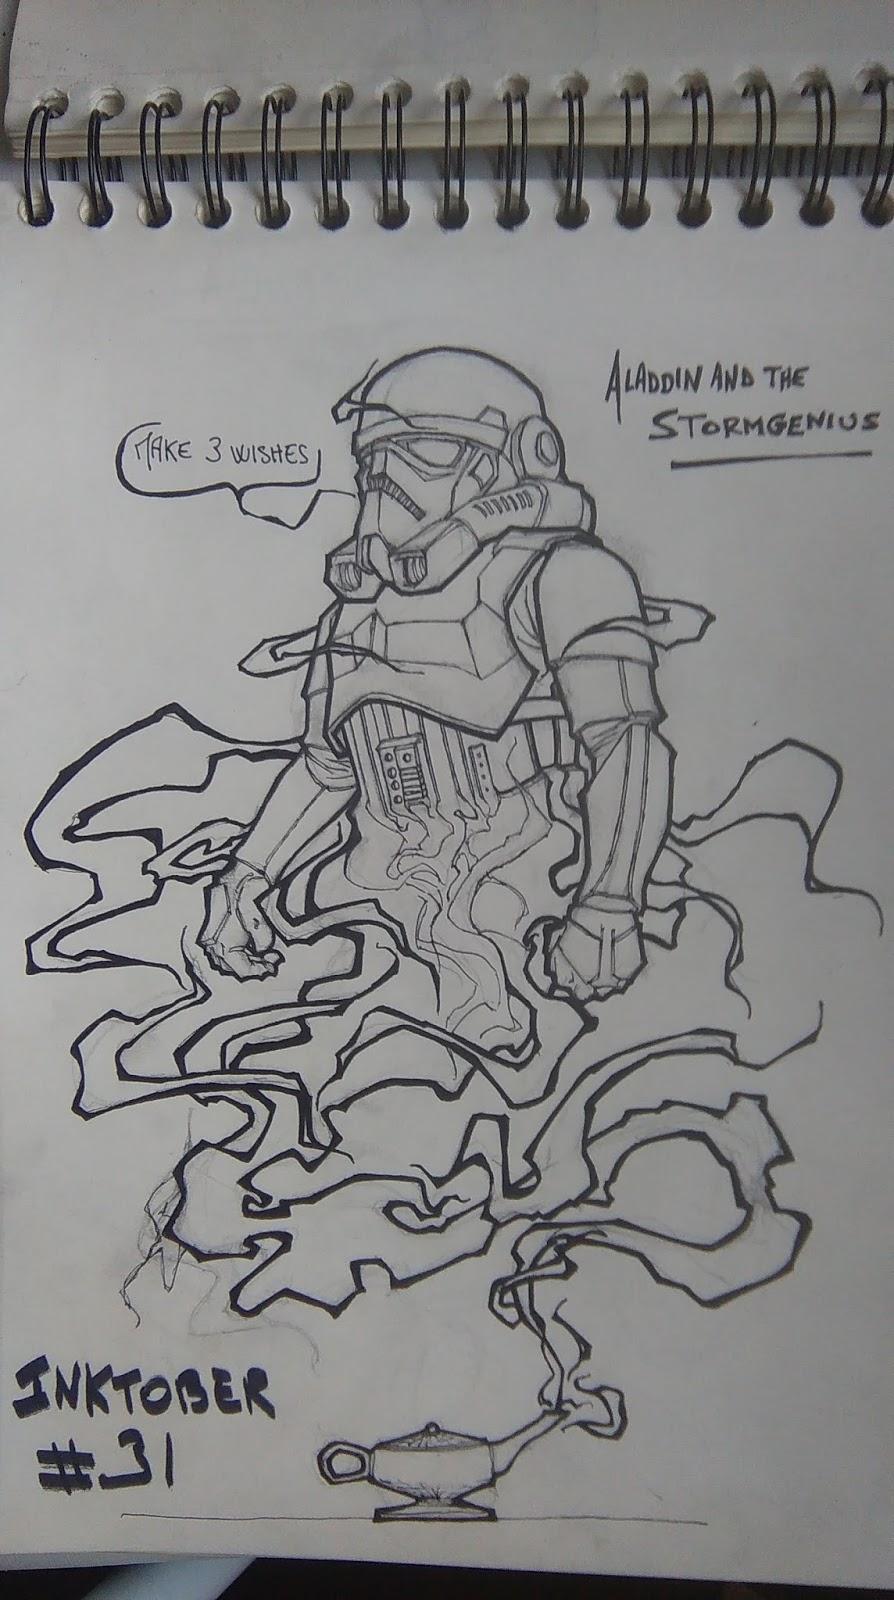 [SPOLYK] - Geometries & sketches 31